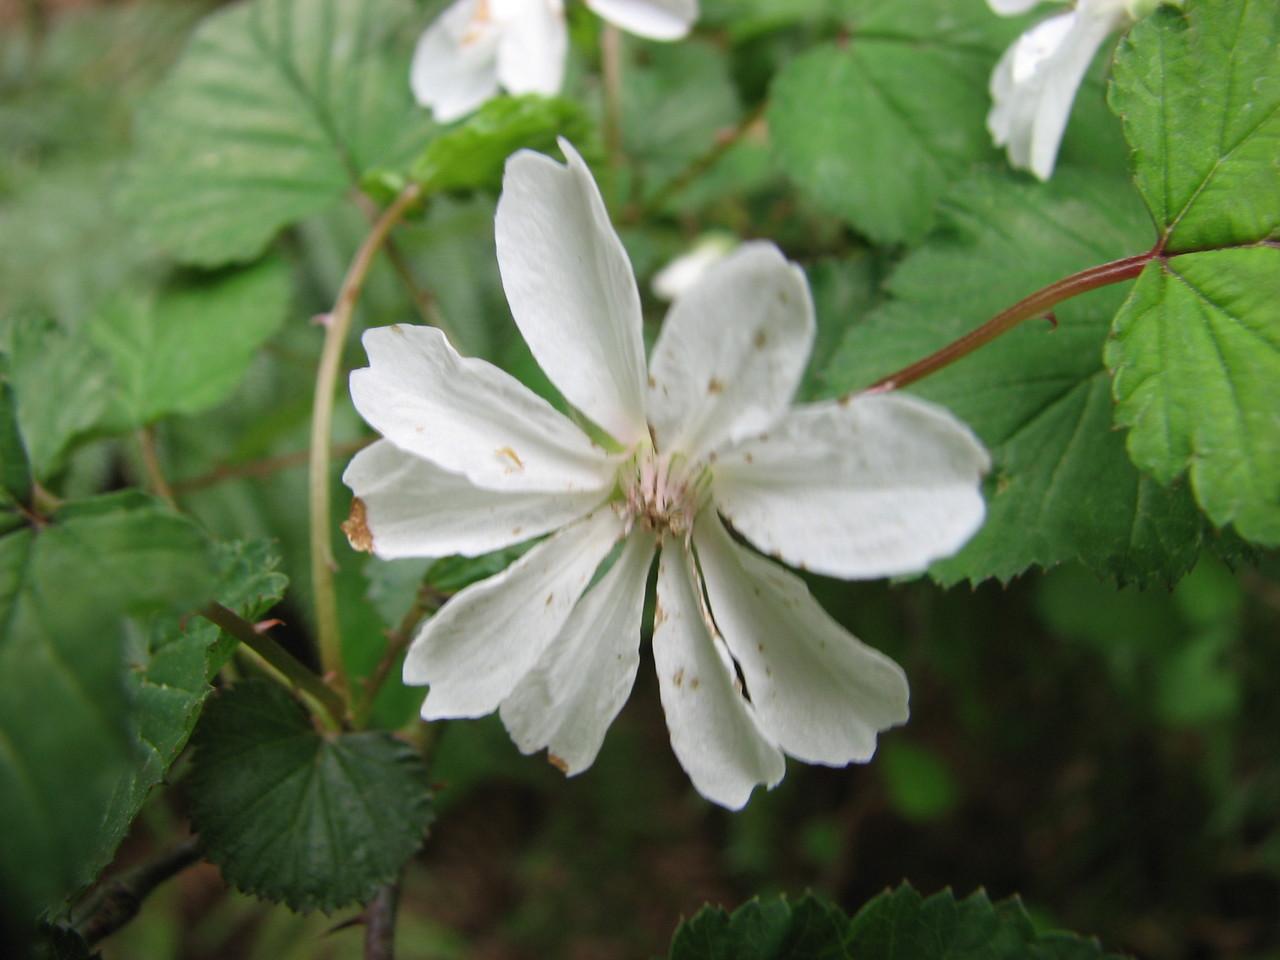 ニガイチゴ(バラ科) Rubus microphyllus